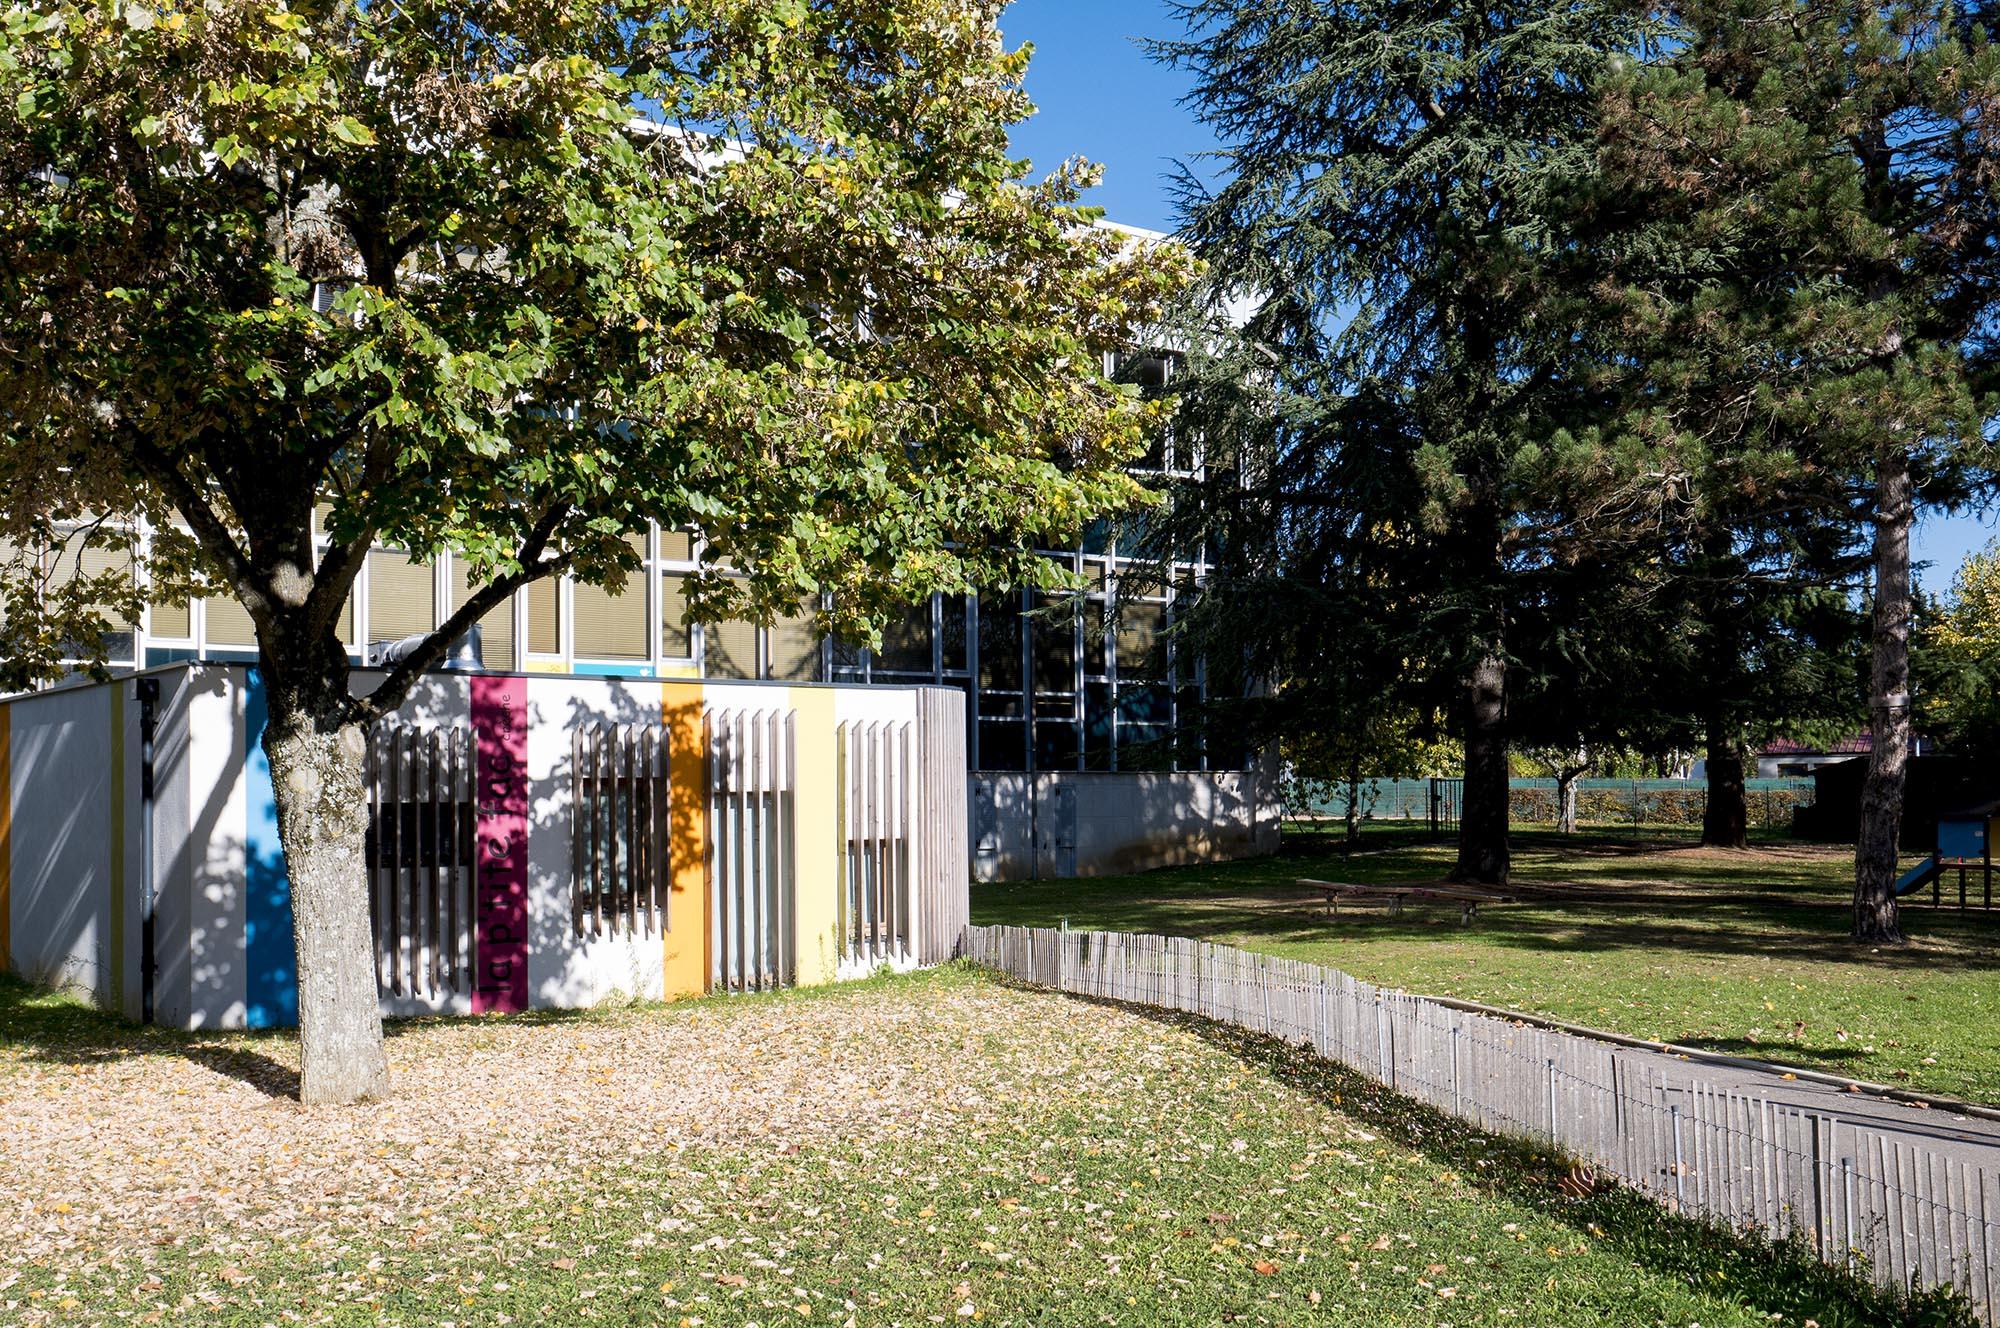 Chouette-architecture-UB-ptite-fac-dijon-2000-7